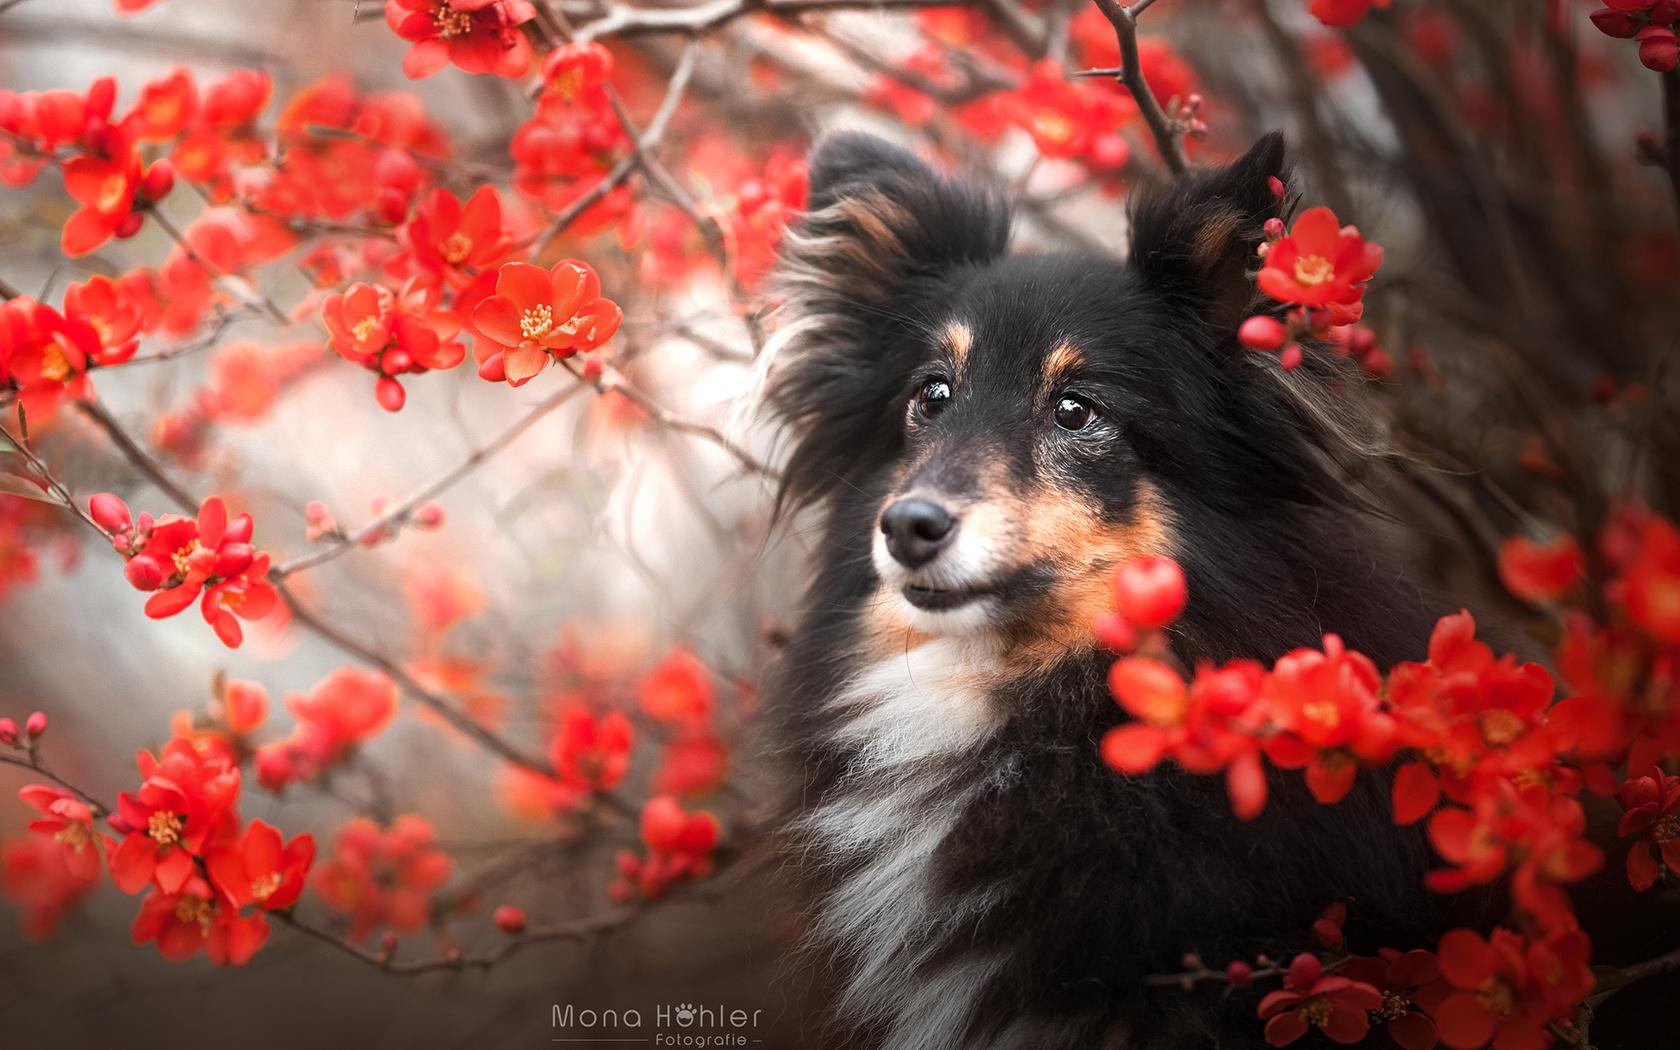 животное, собака, пёс, шелти, природа, куст, цветы